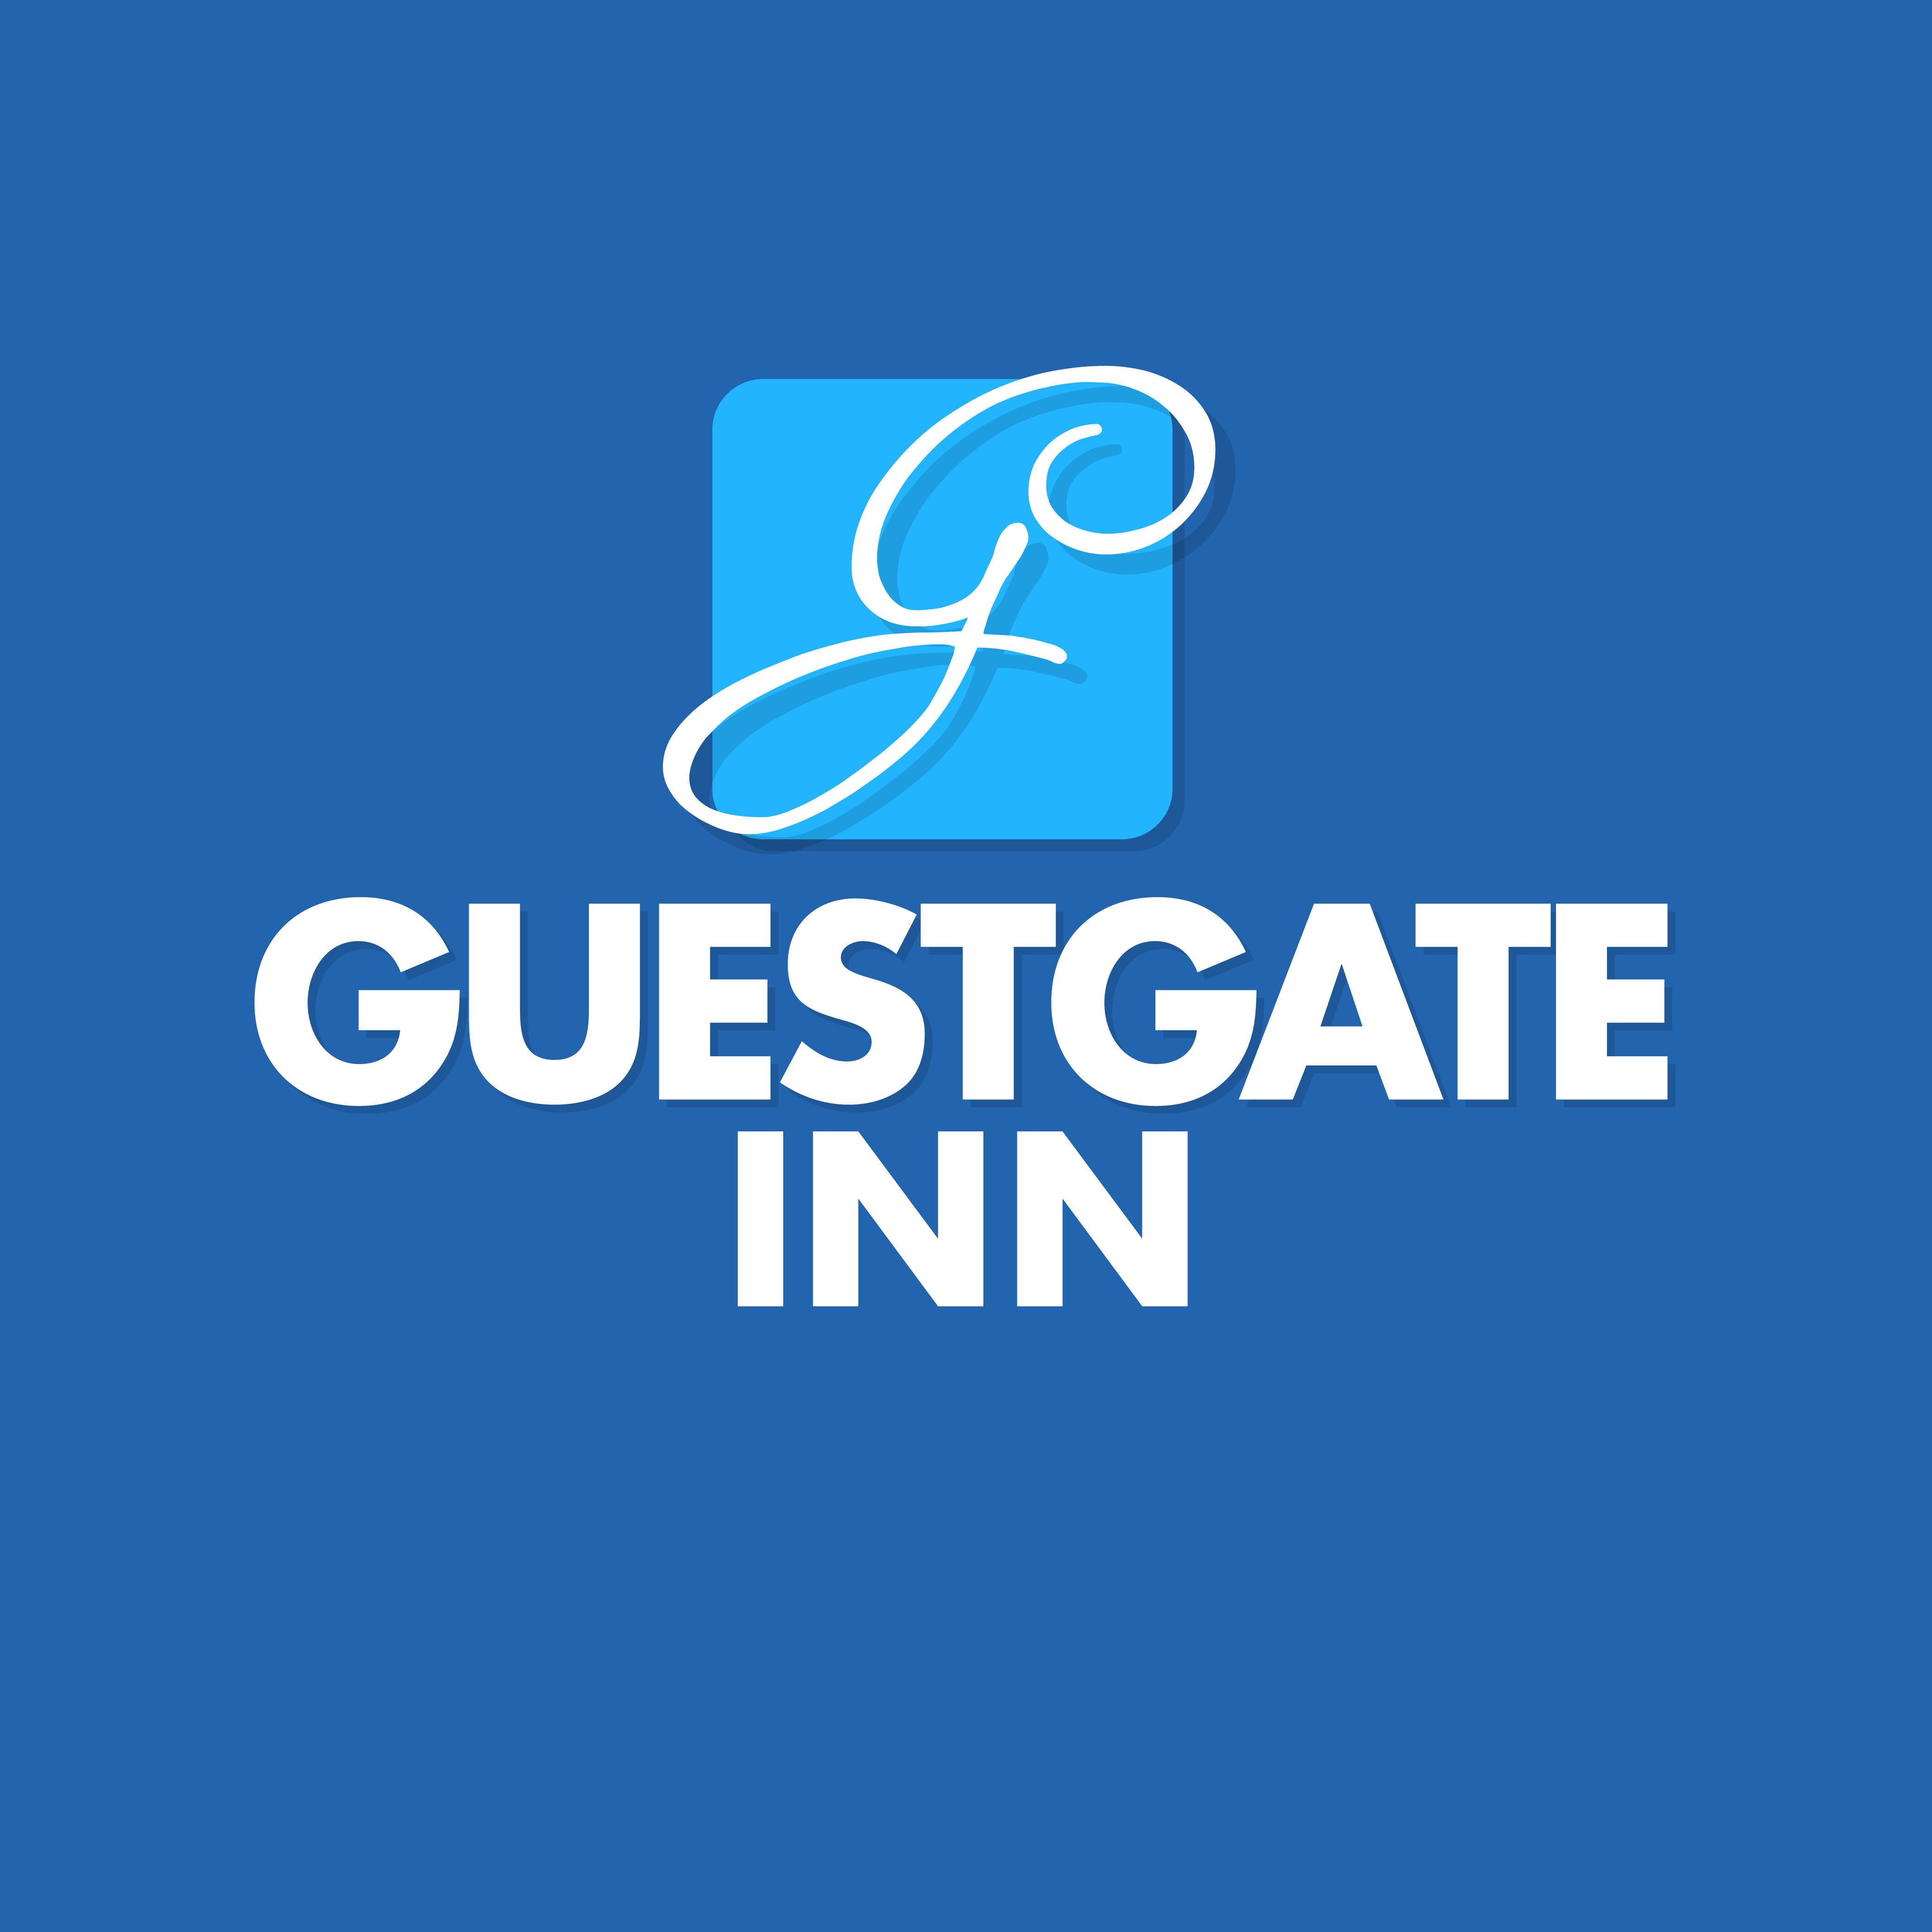 Guestgate Inn